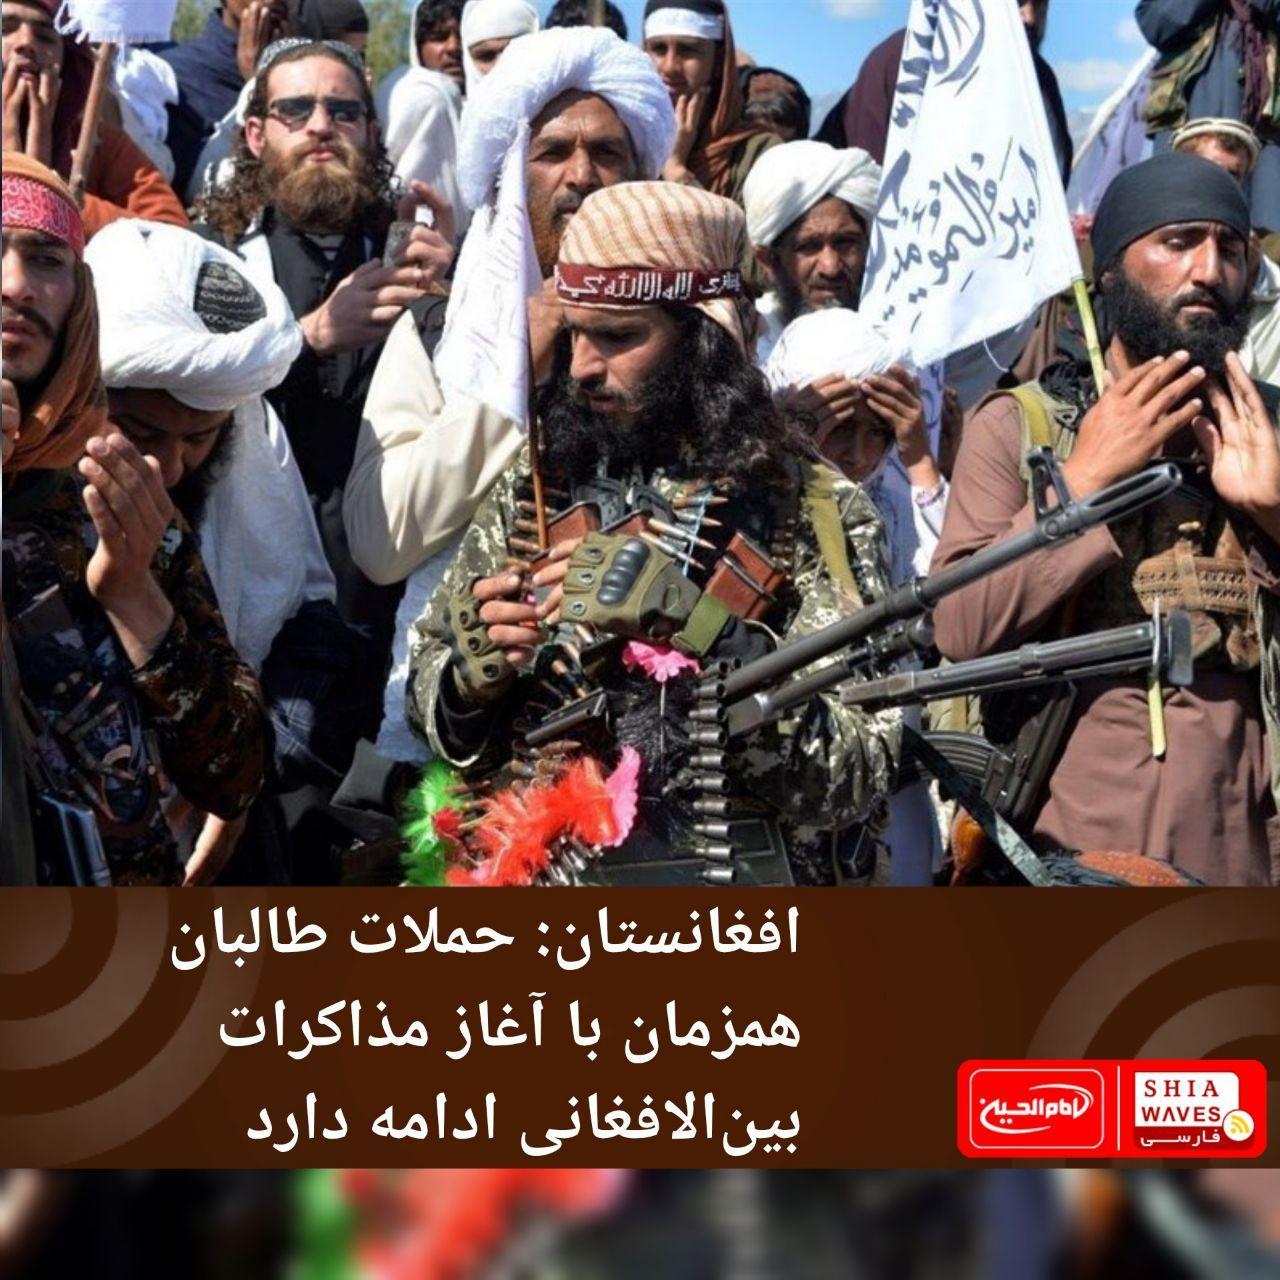 تصویر افغانستان: حملات طالبان همزمان با آغاز مذاکرات بینالافغانی ادامه دارد